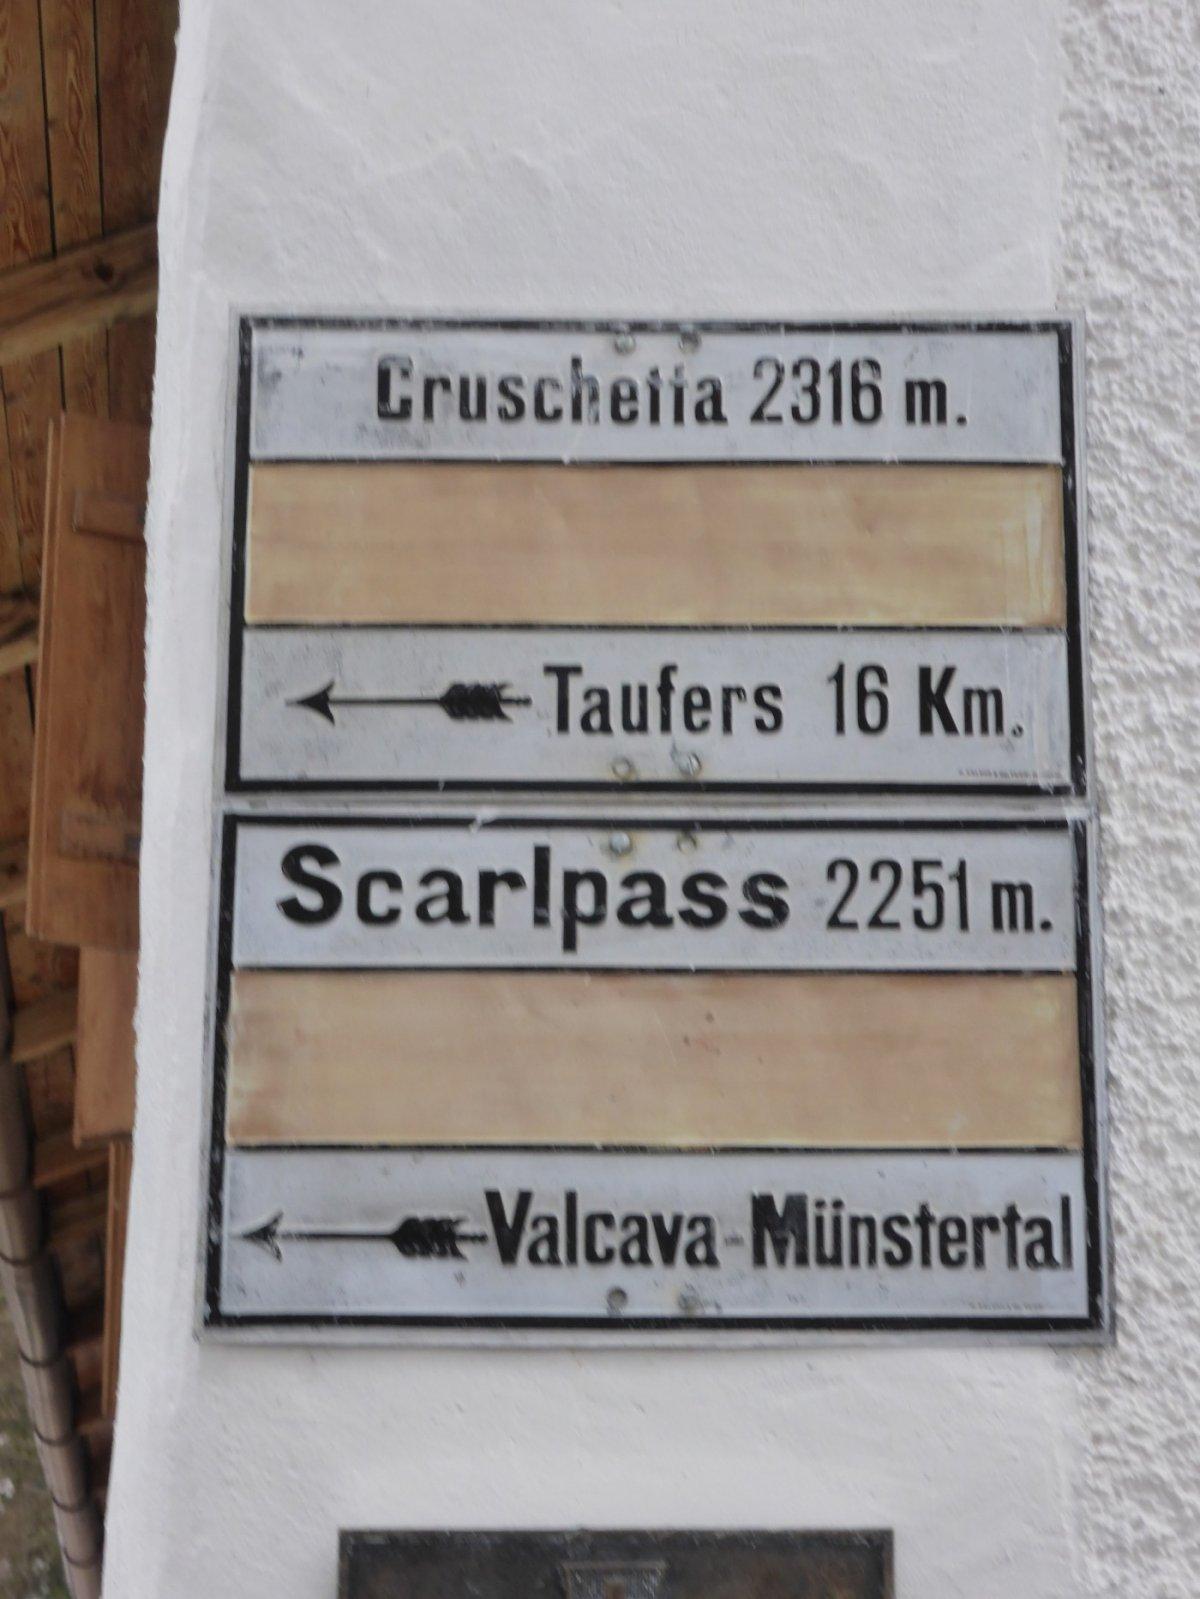 6. Tag - Die letzte Etappe, von S-charl nach Taufers sind es nur noch 16 km